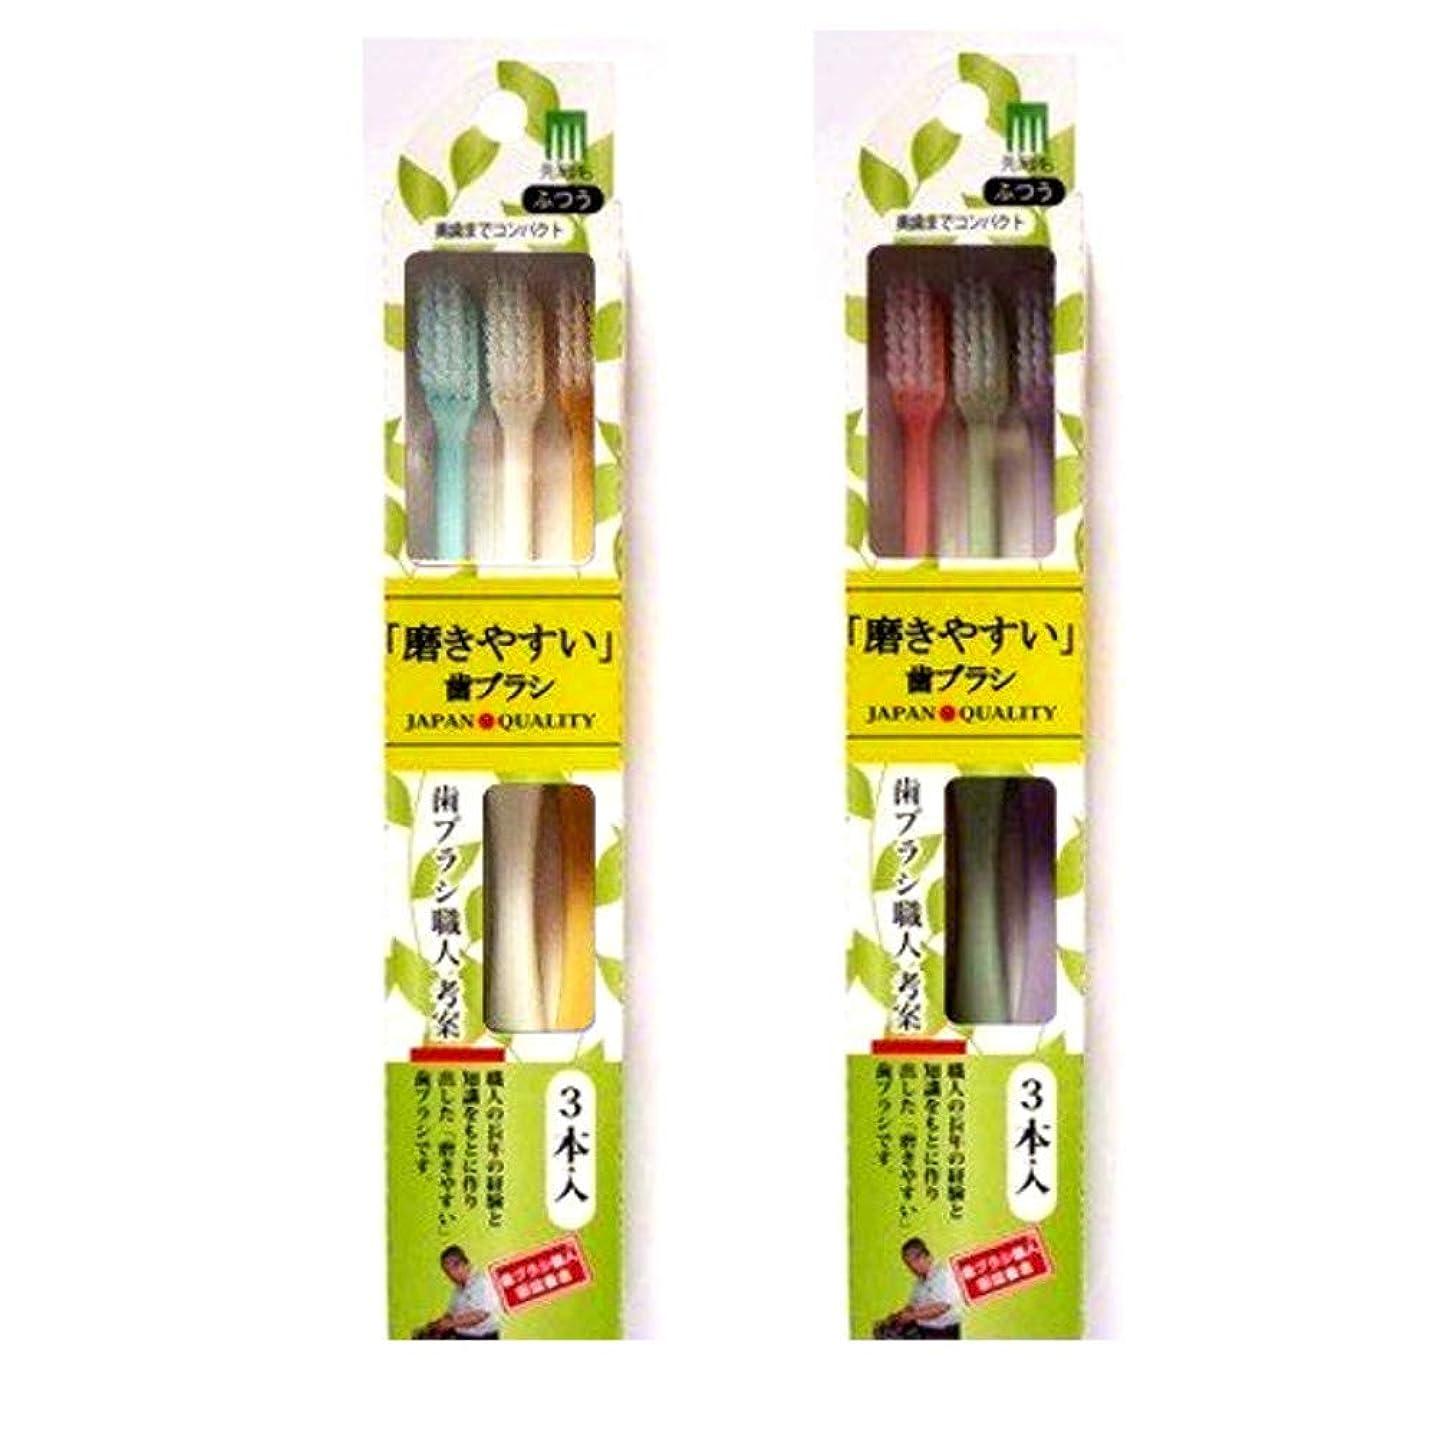 熟した植木統計的磨きやすい歯ブラシ (先細毛) 奥までコンパクト3本組 ELT-1 (色選択不可)